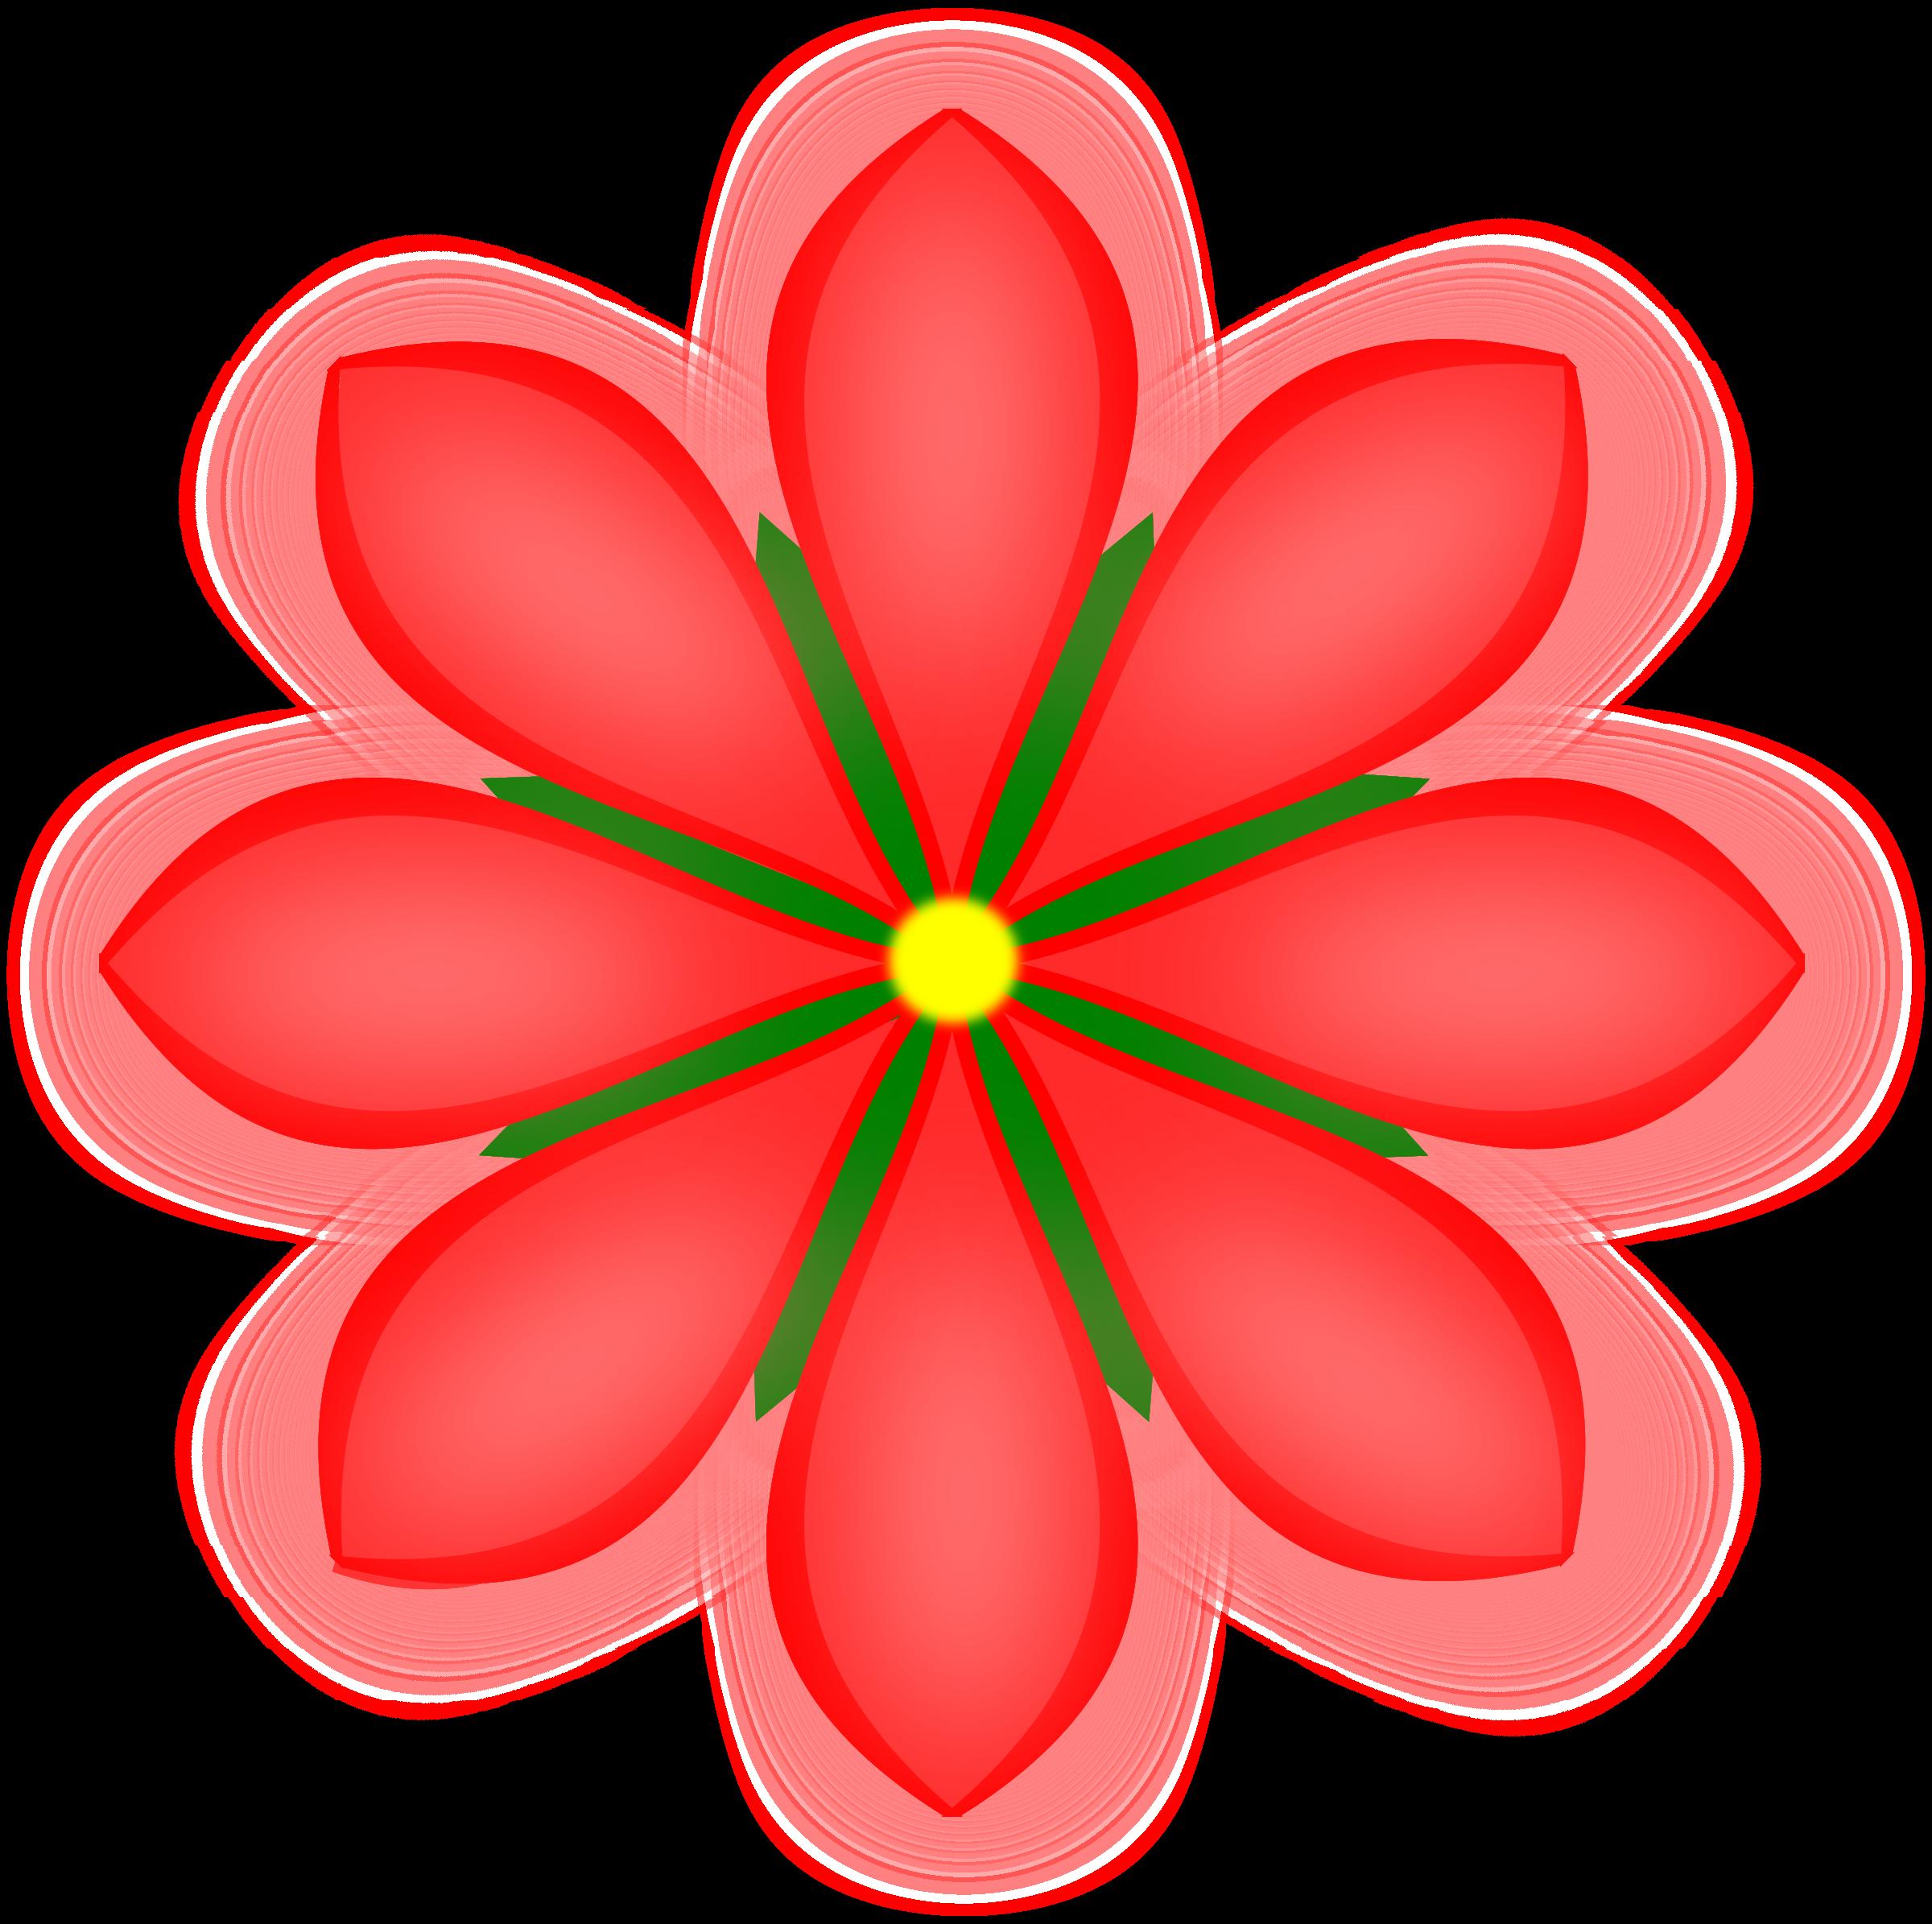 2400x2390 Petal Clipart Red Flower